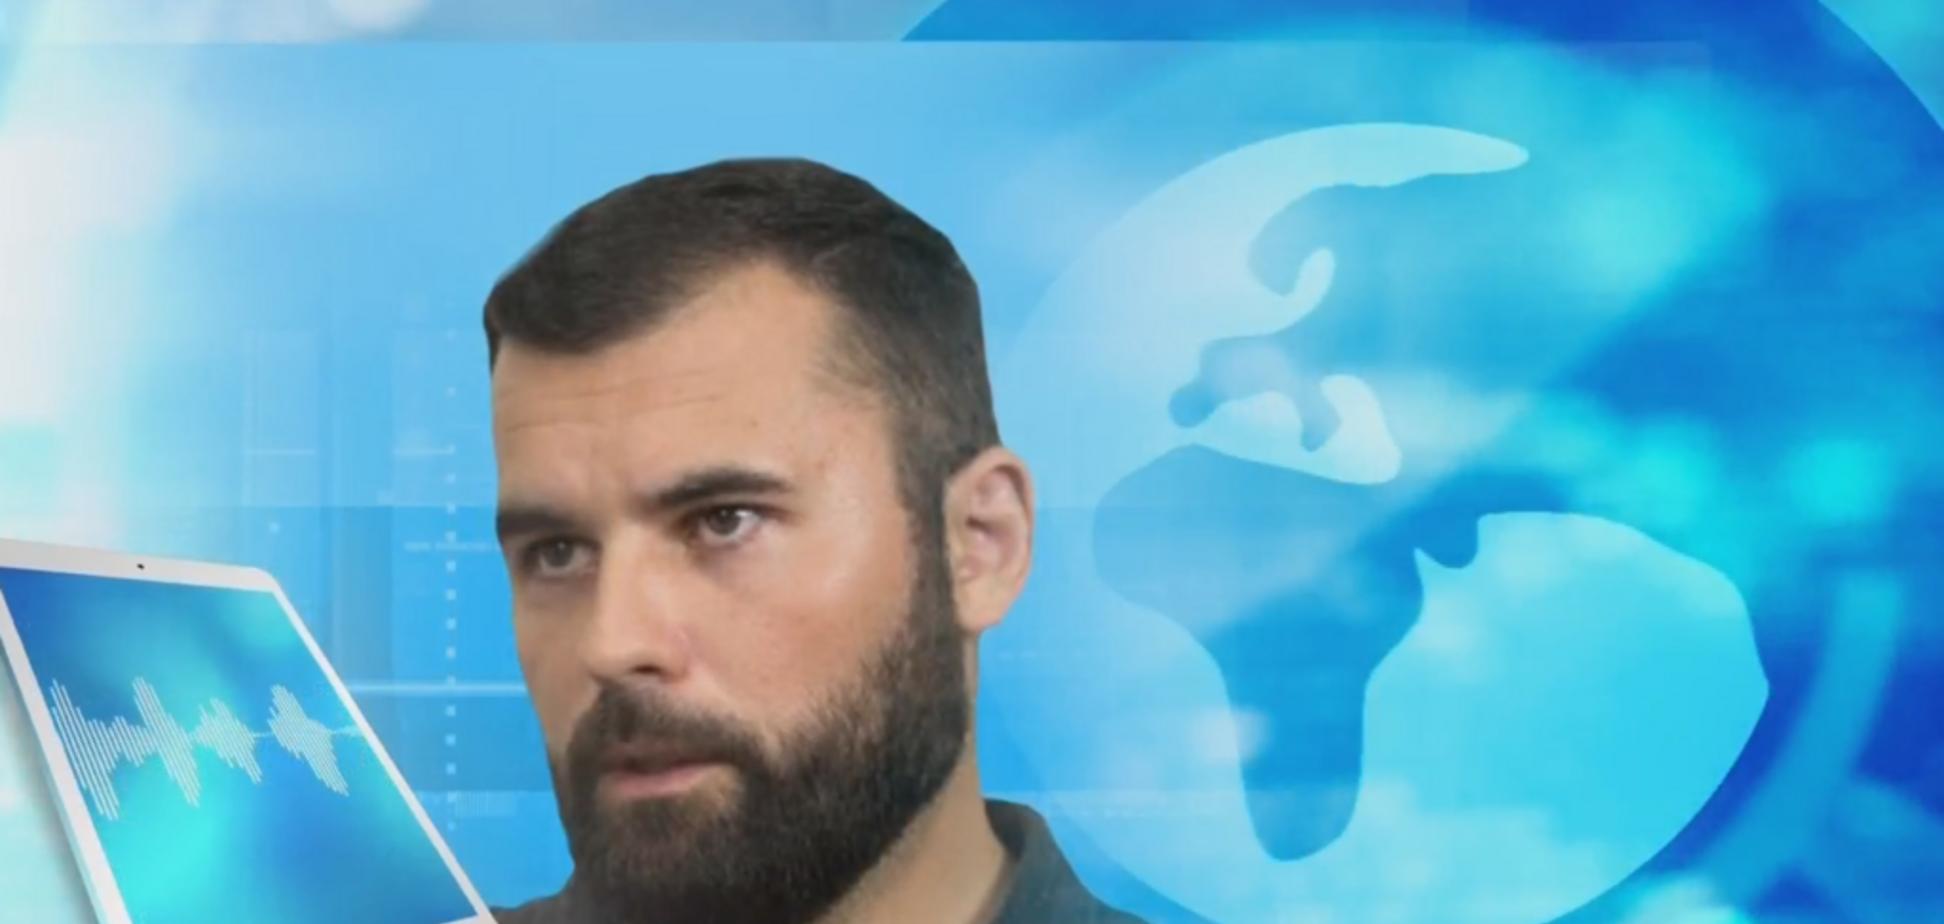 ''Нелюстровані співробітники ''Беркуту'', протягнуті Аваковим через переатестацію'' – волонтер розповів про бійку на Майдані